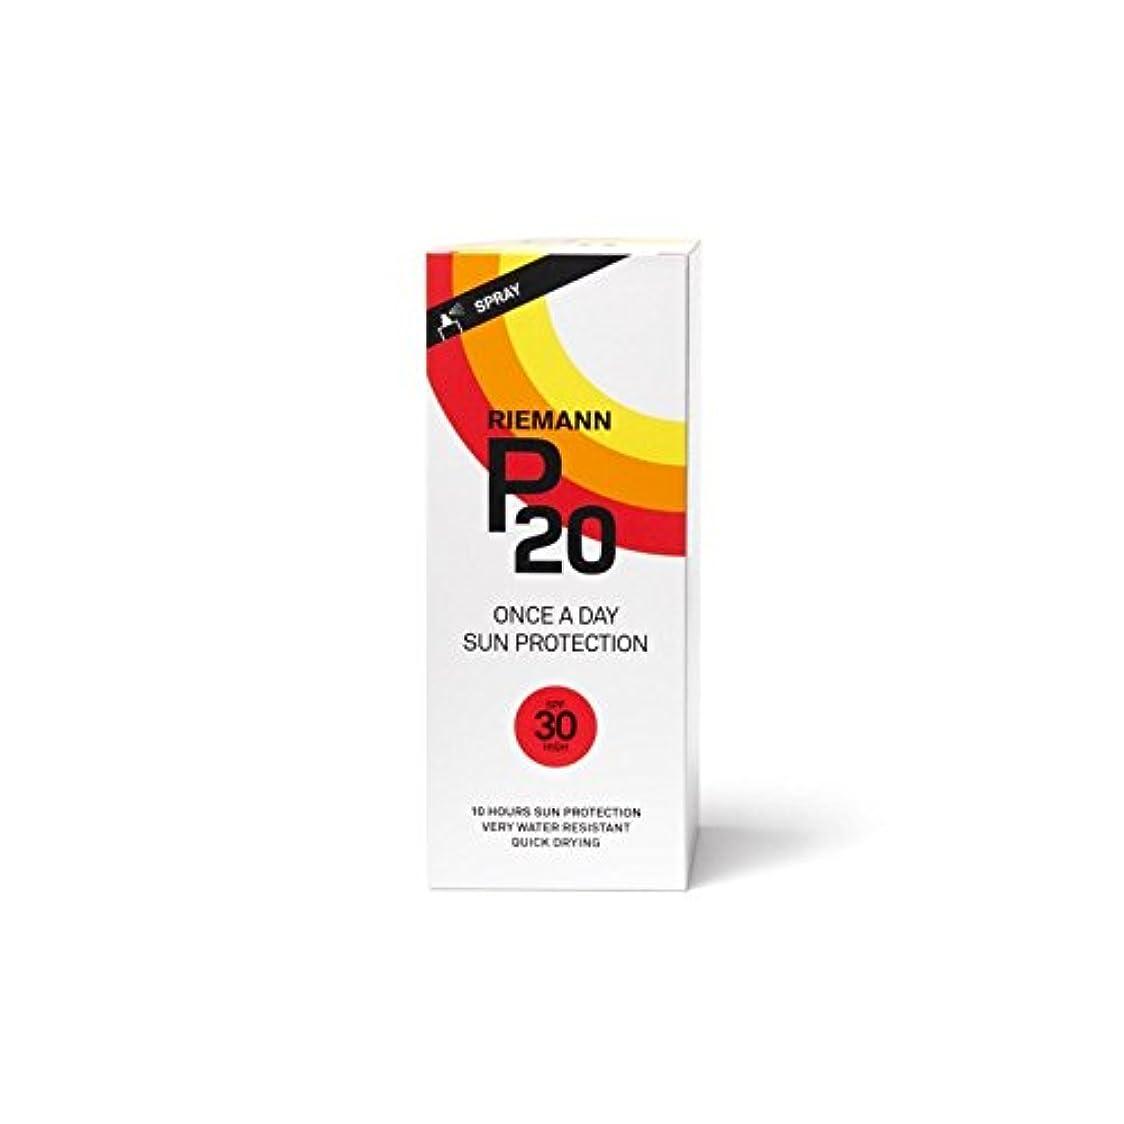 上に霧障害者リーマン20のサンフィルター200ミリリットル30 x4 - Riemann P20 Sun Filter 200ml SPF30 (Pack of 4) [並行輸入品]